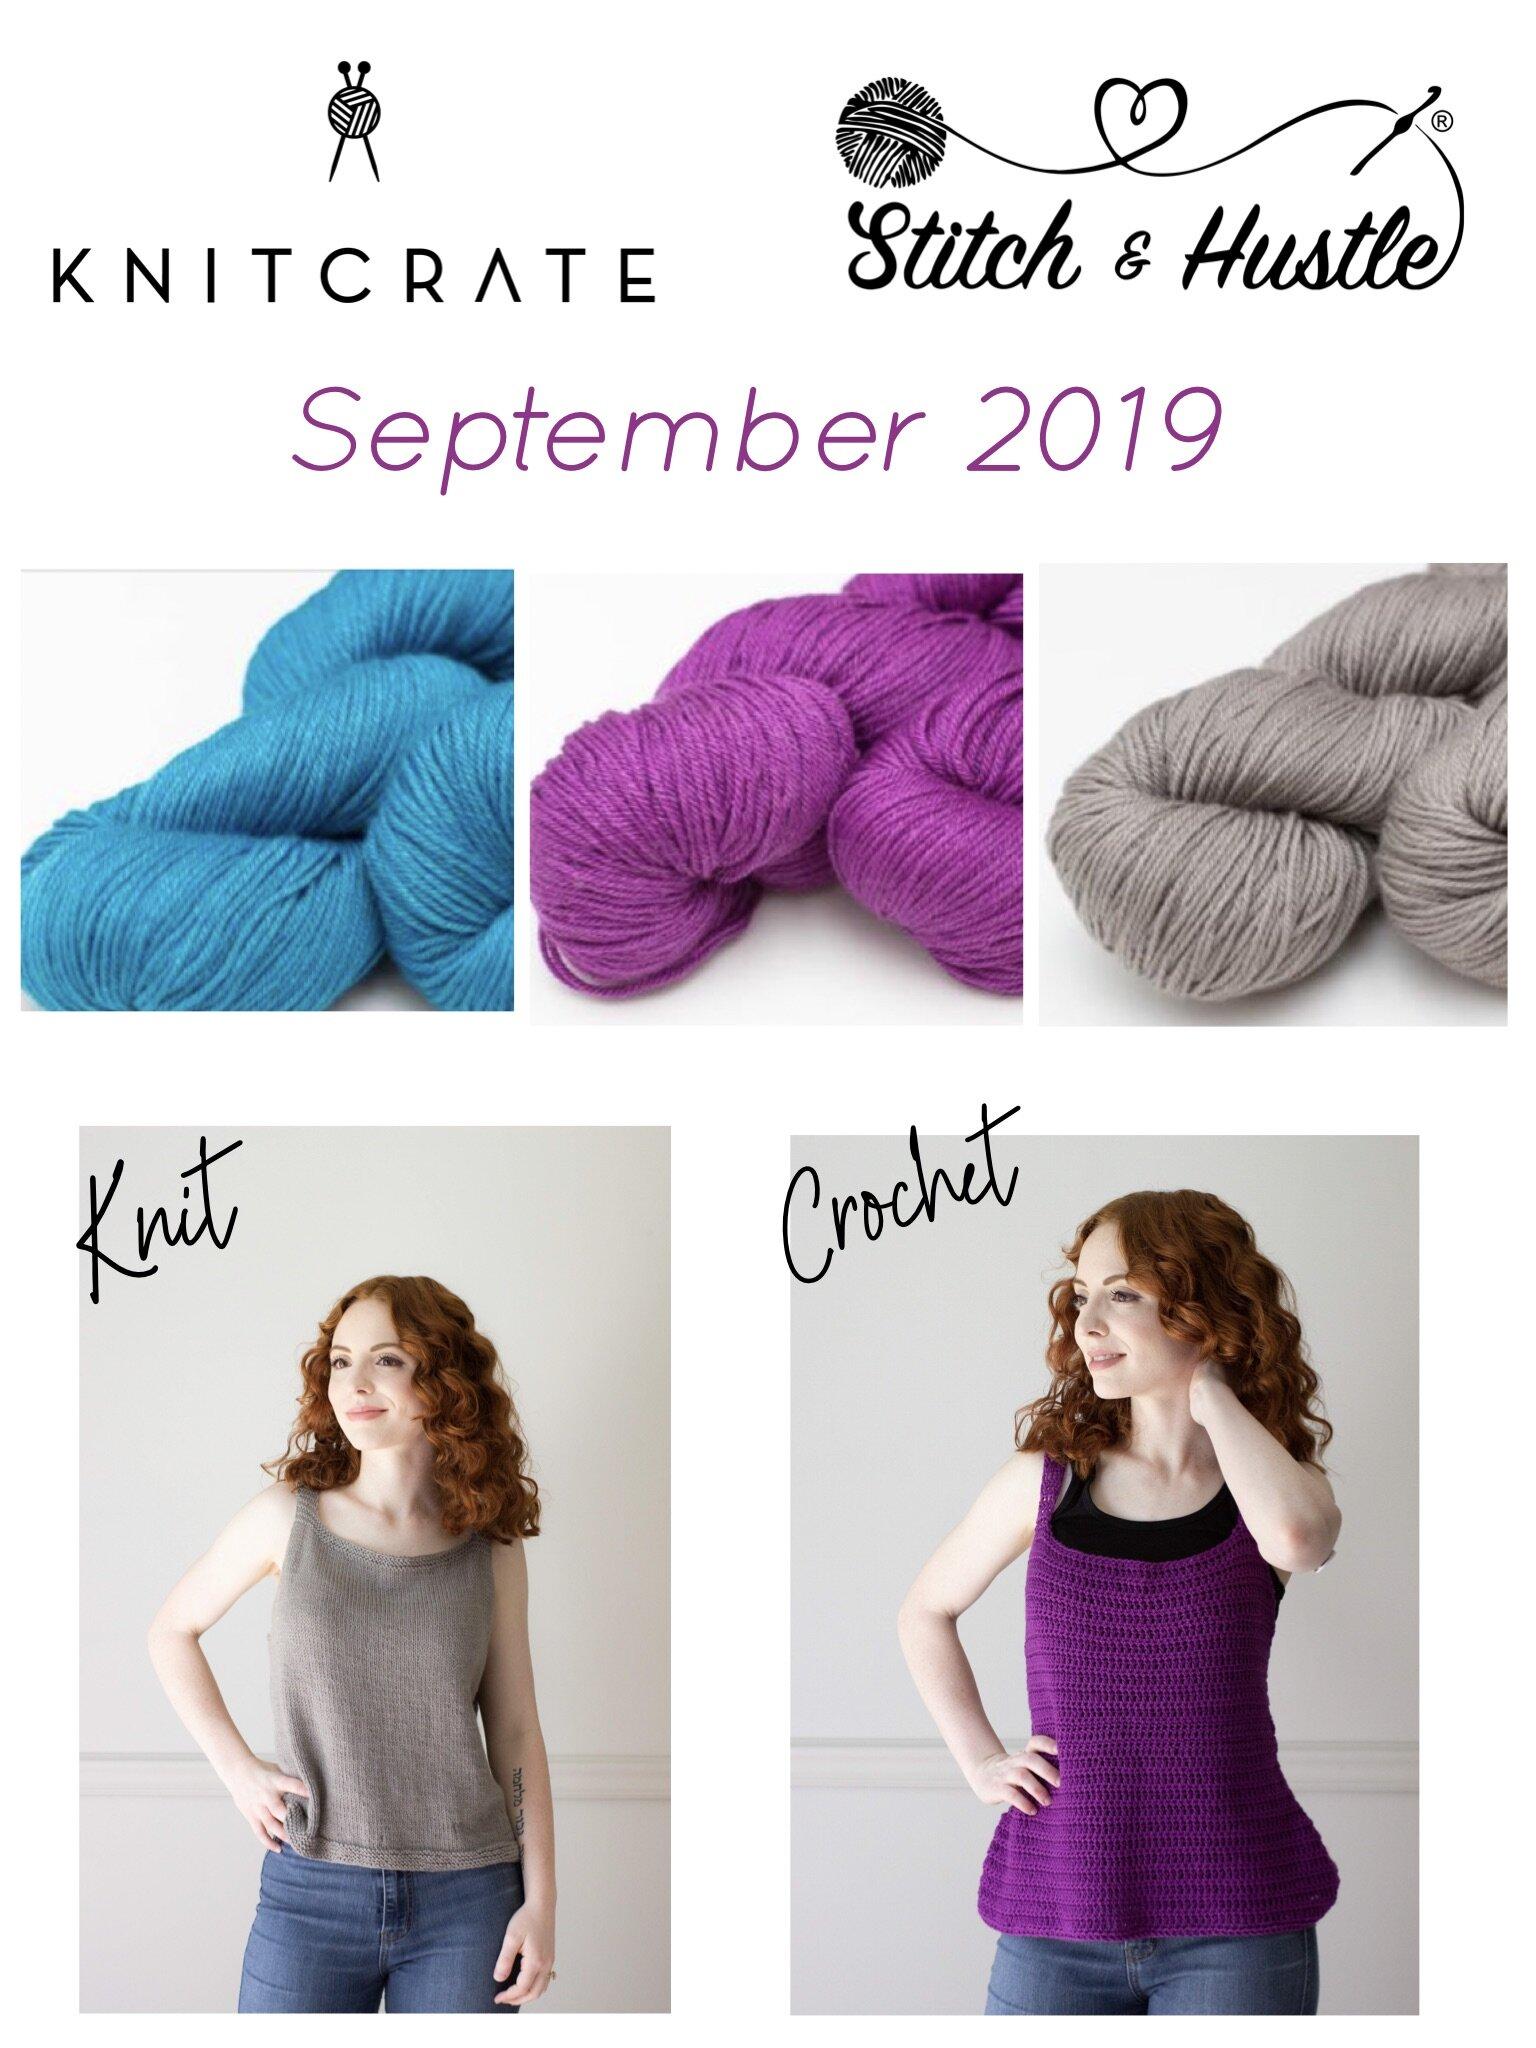 knitcrate-september-patterns-knit-and-crochet-5.jpg